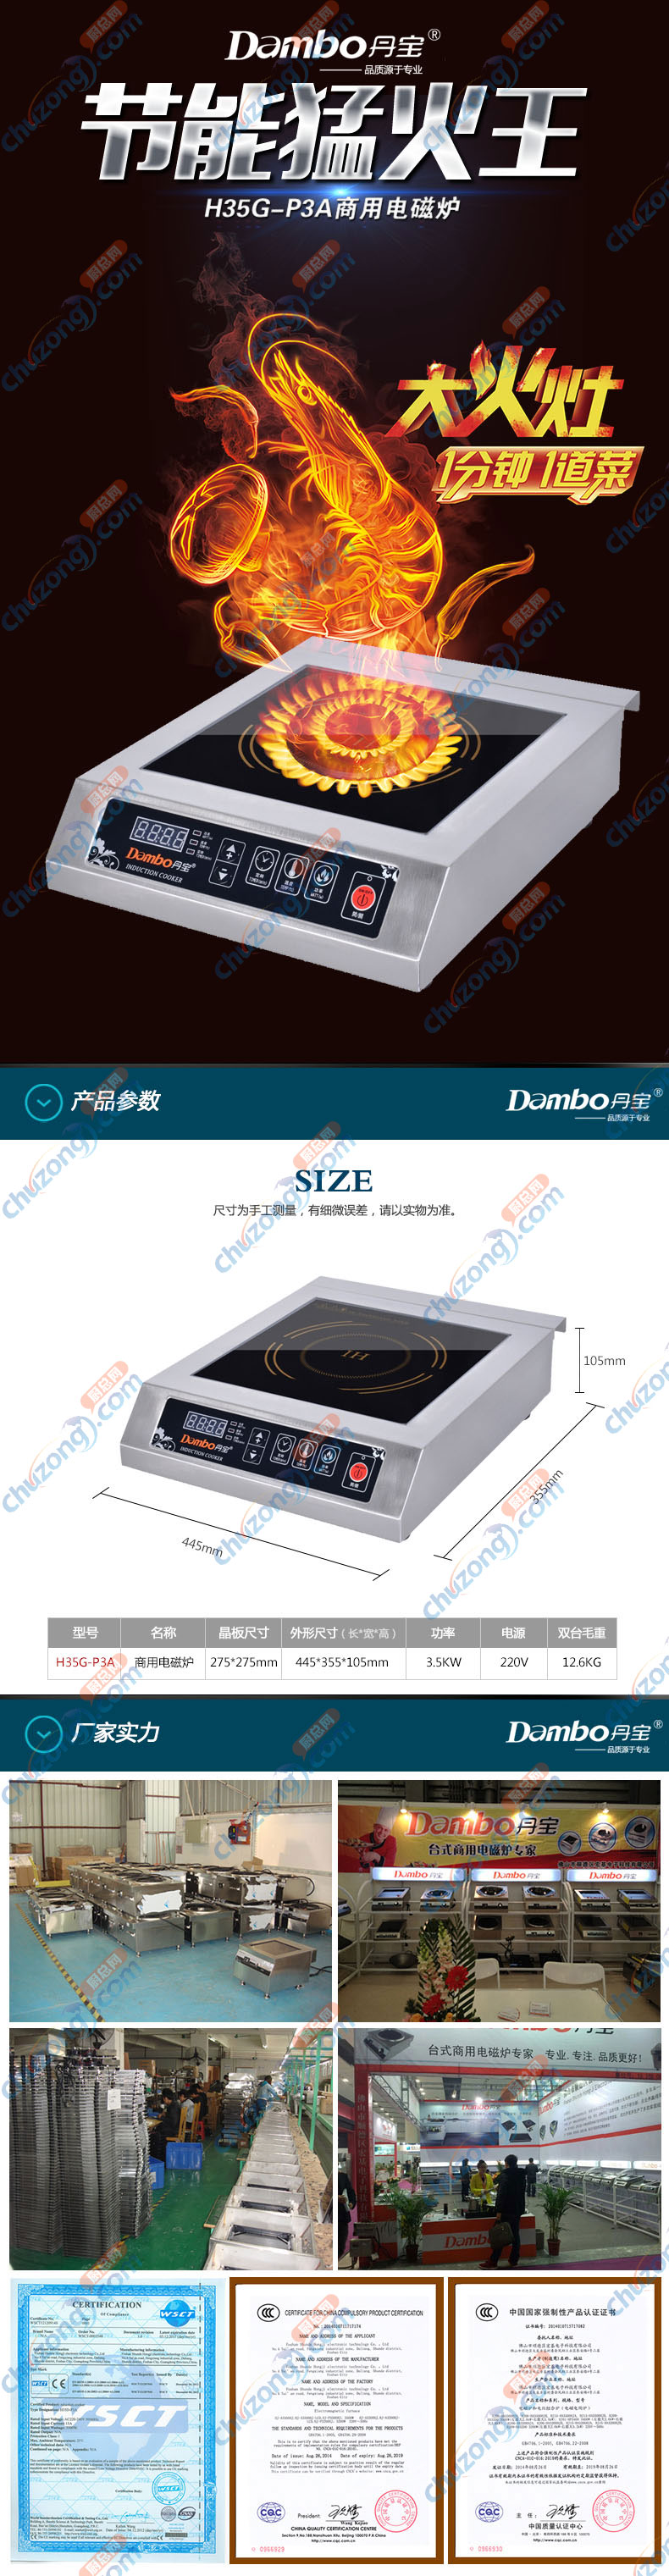 丹寶按鍵臺式電磁爐H35G-P3A